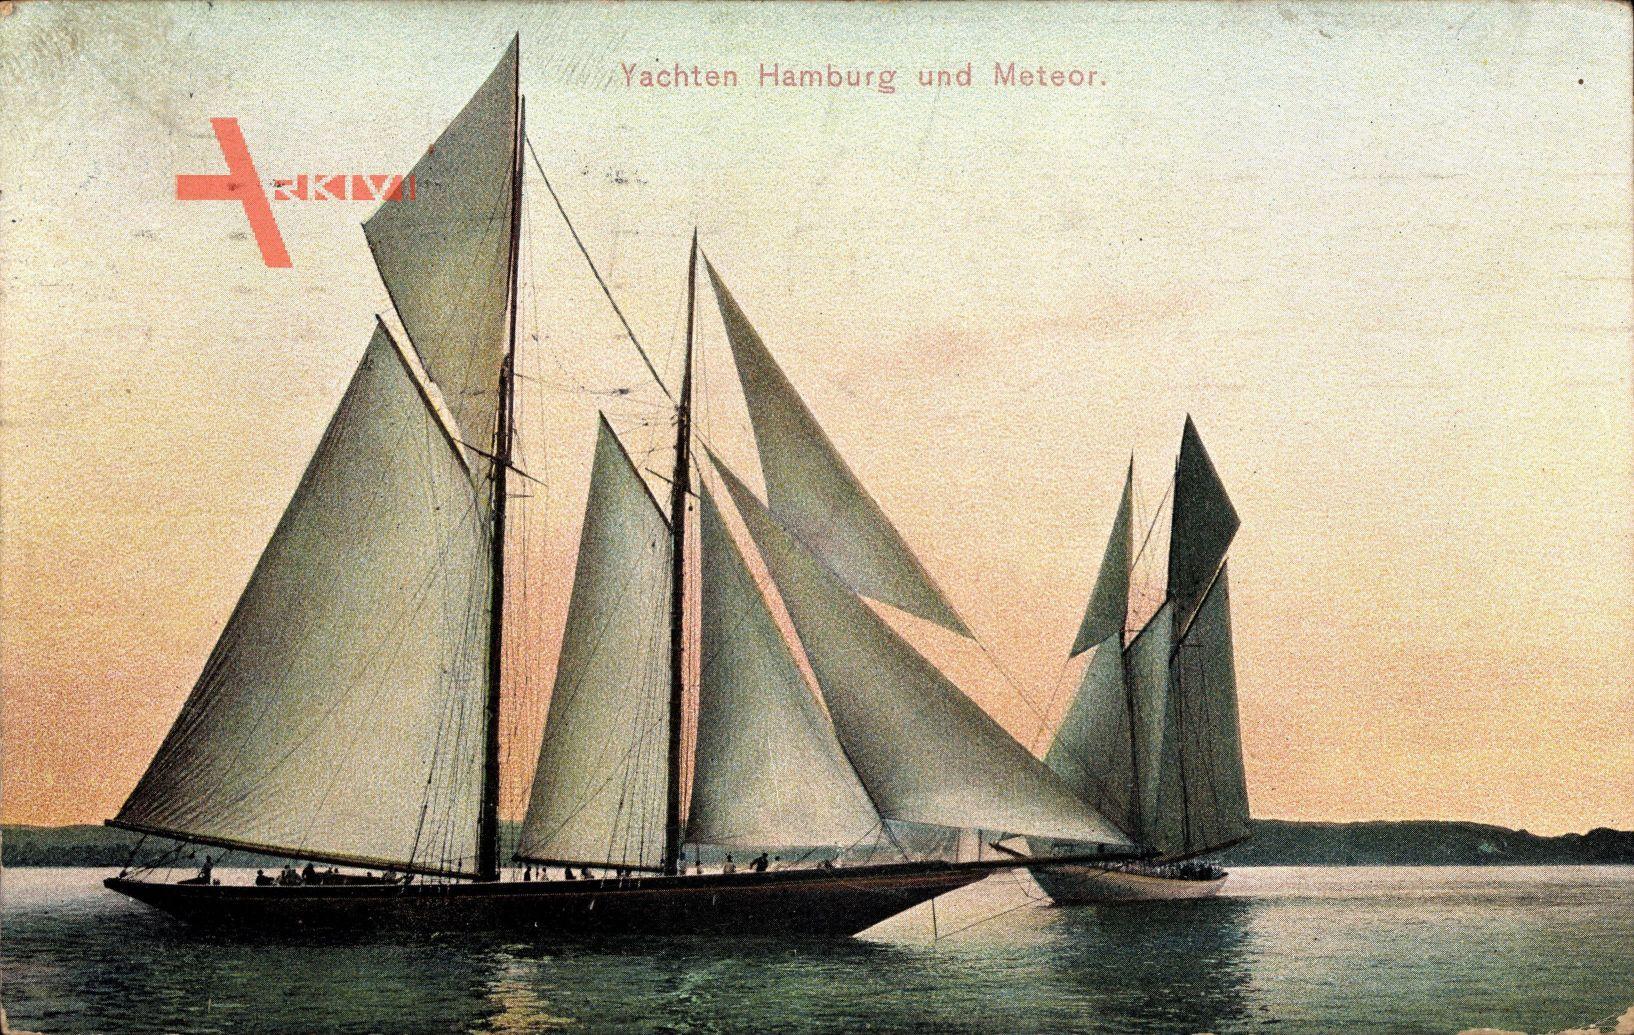 Zwei Yachten, Hamburg und Meteor, Zweimaster, Dämmerung